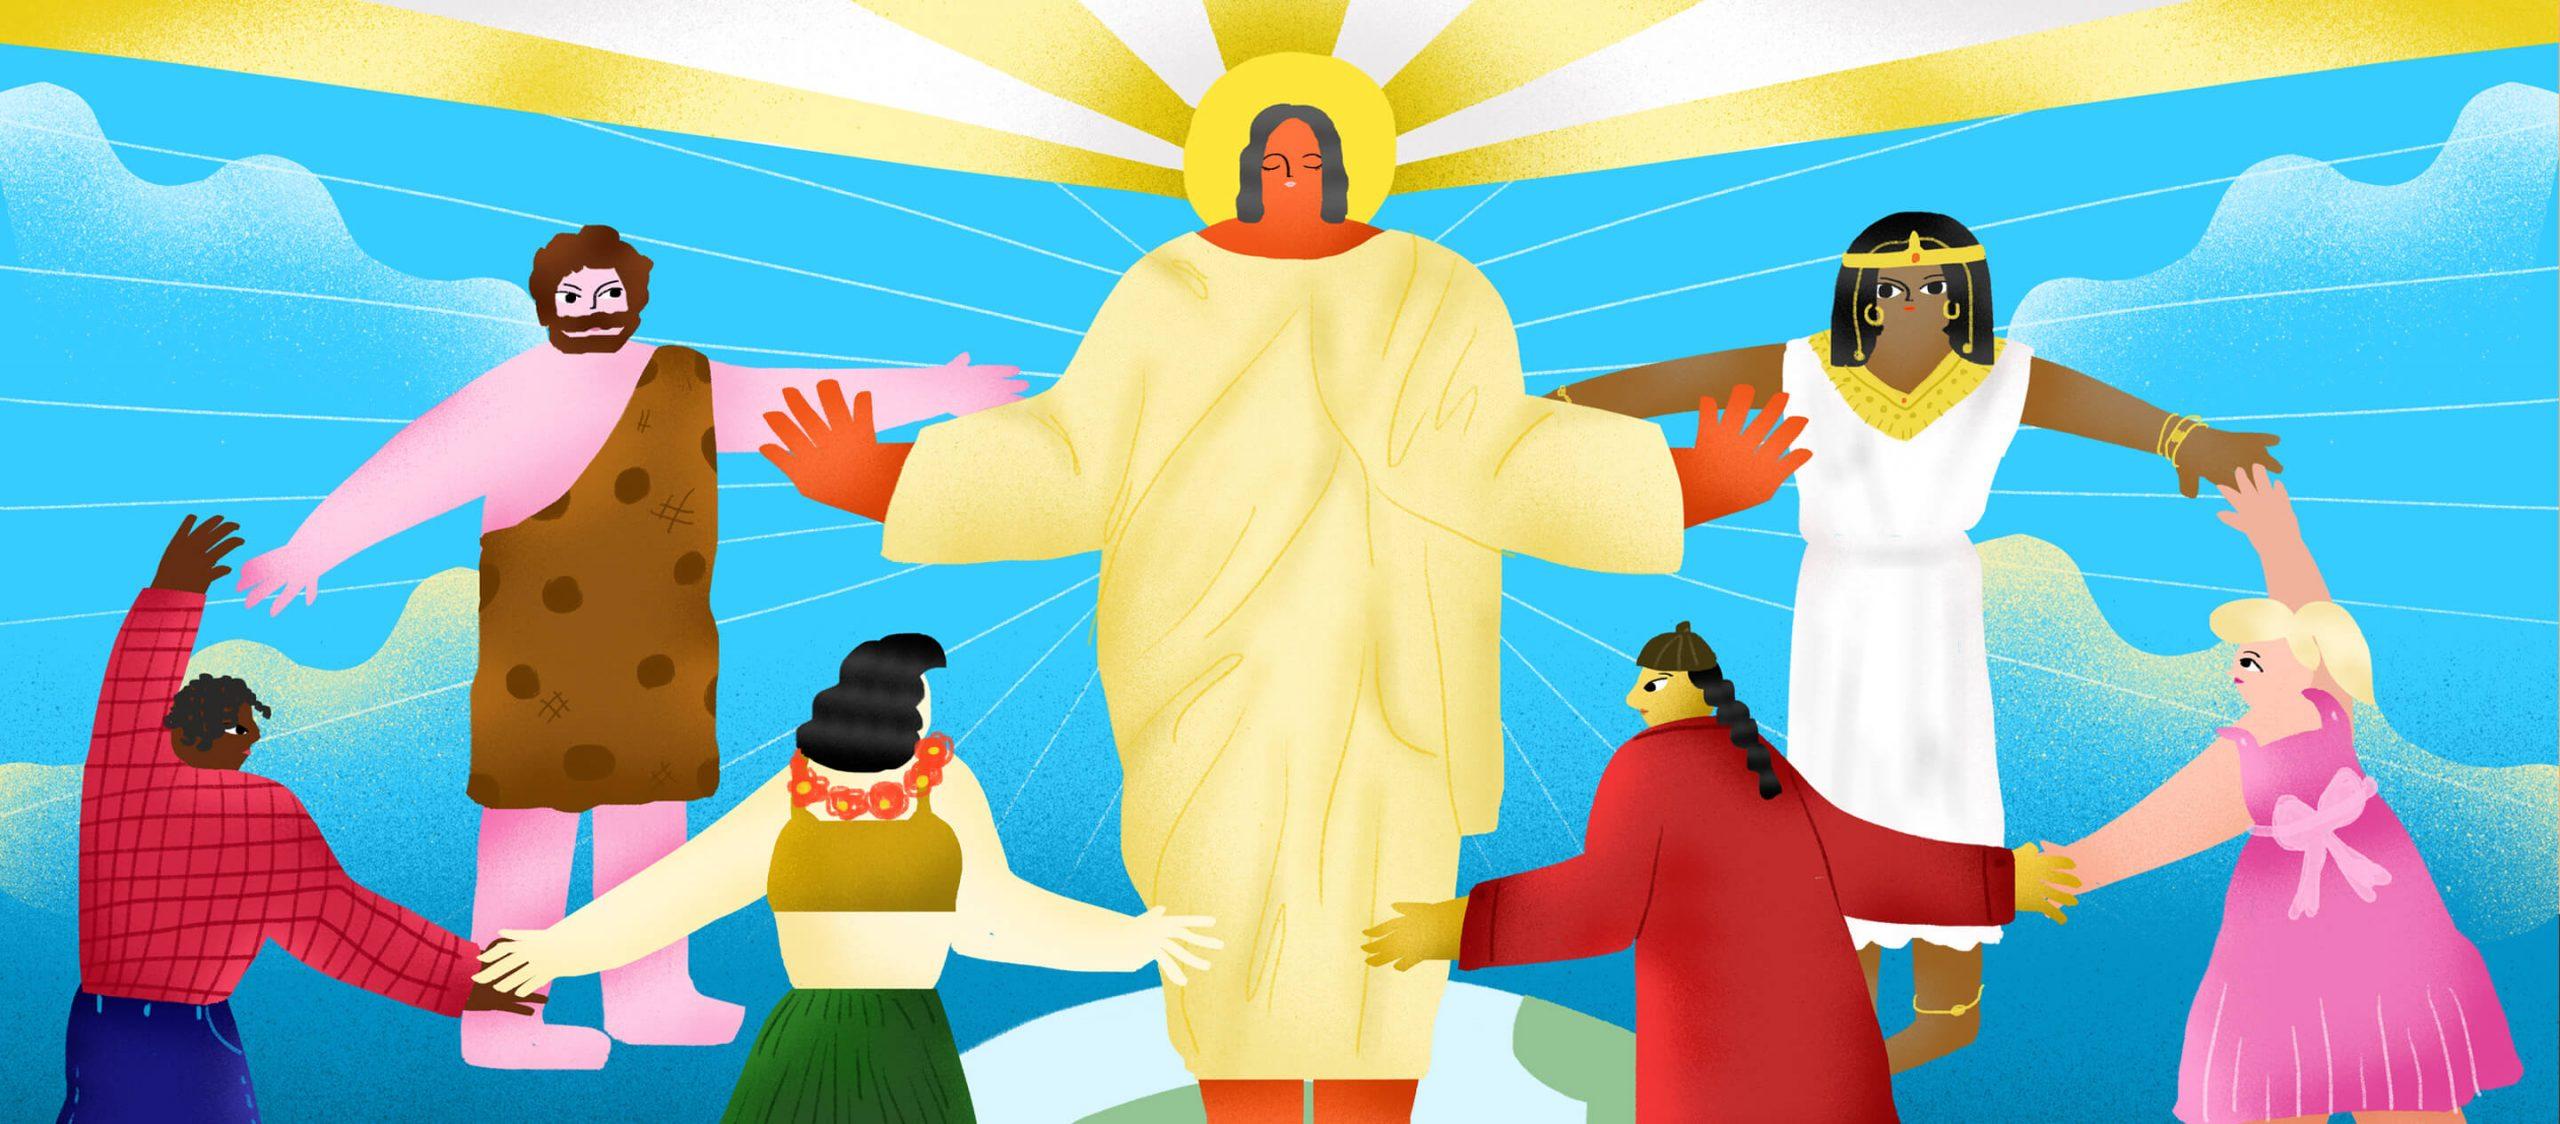 พระเจ้าเกิดขึ้นเมื่อไหร่?  เมื่อนักคิดทุกยุคสมัยต่างสงสัยที่มาของพระเจ้า